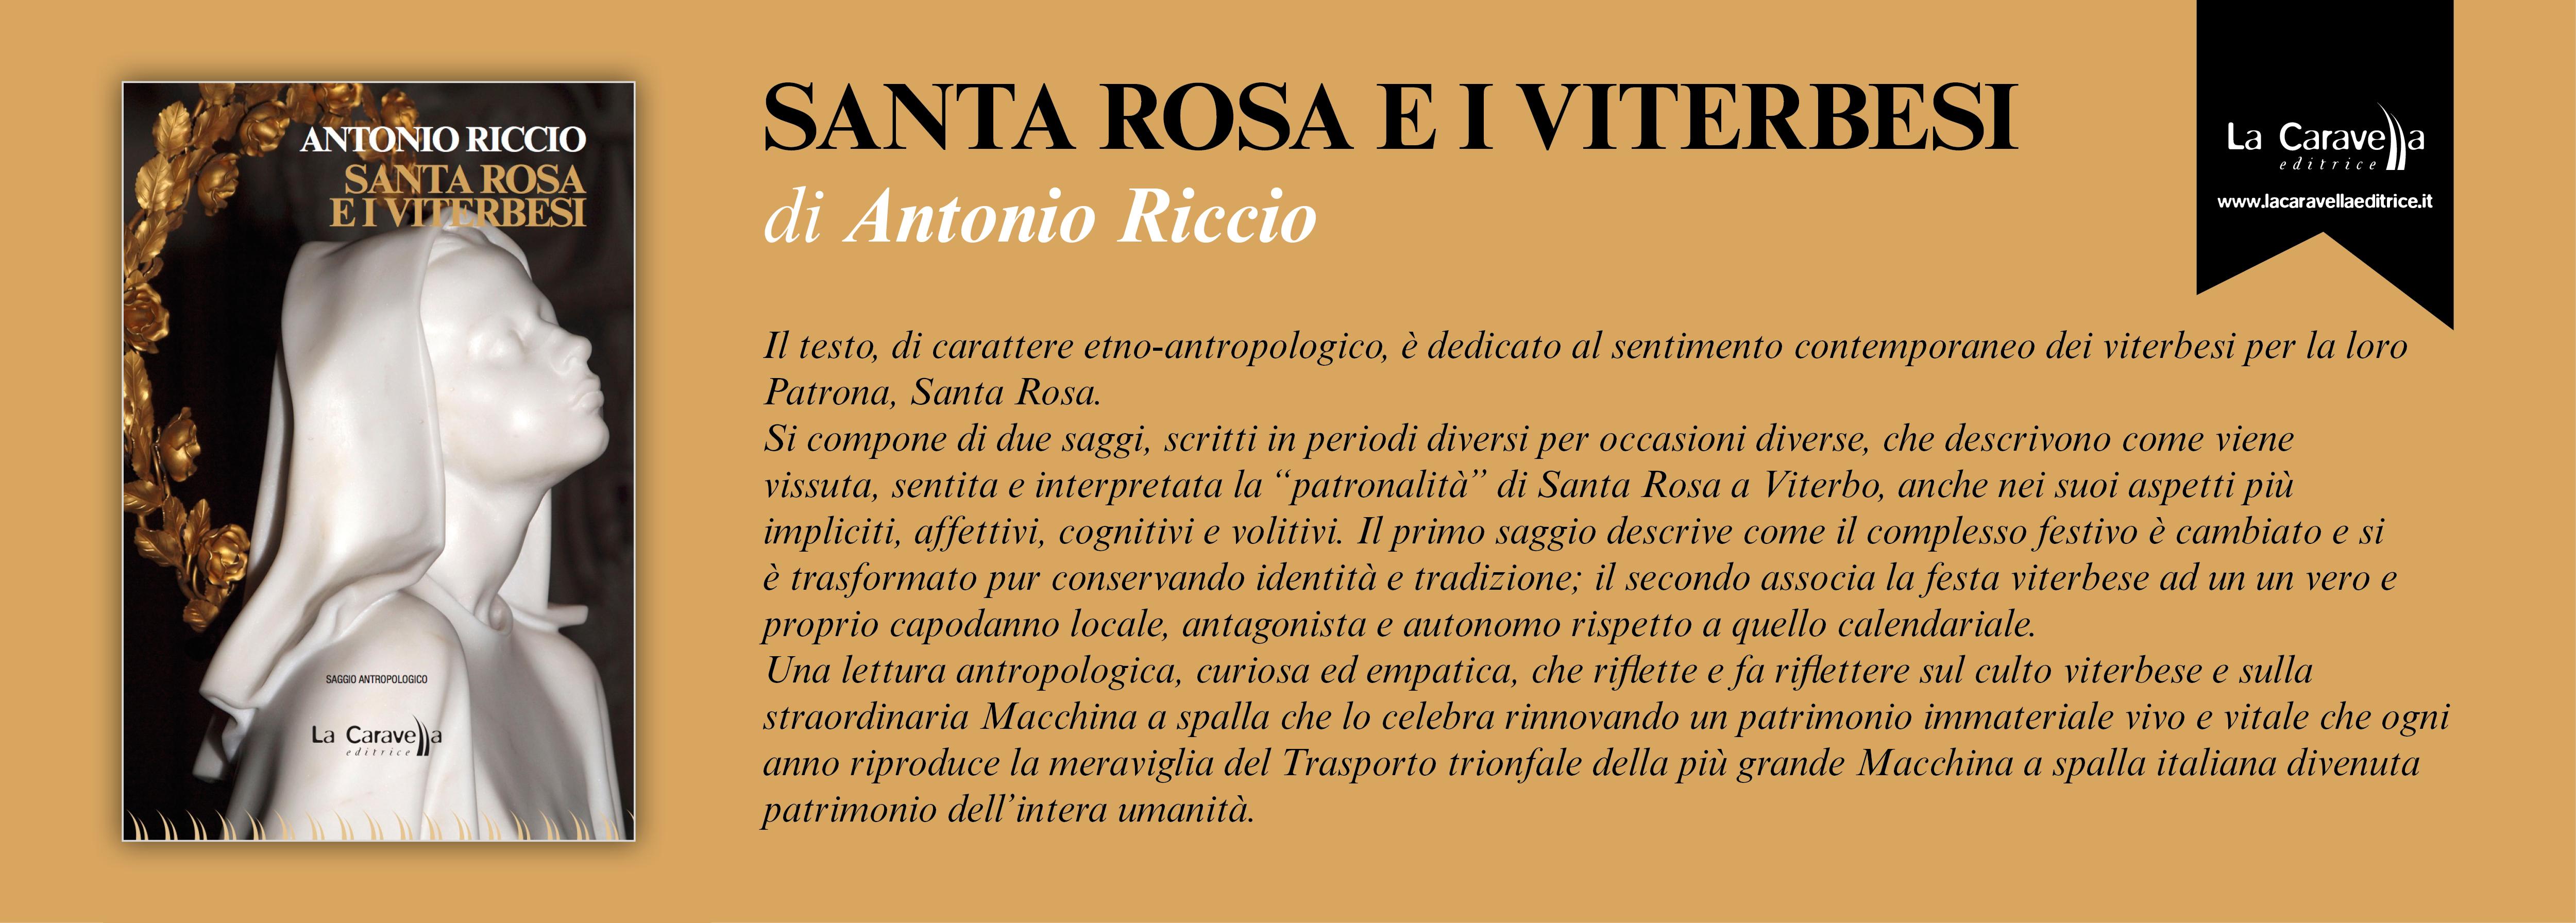 SANTA ROSA E I VITERBESI di Antonio Riccio